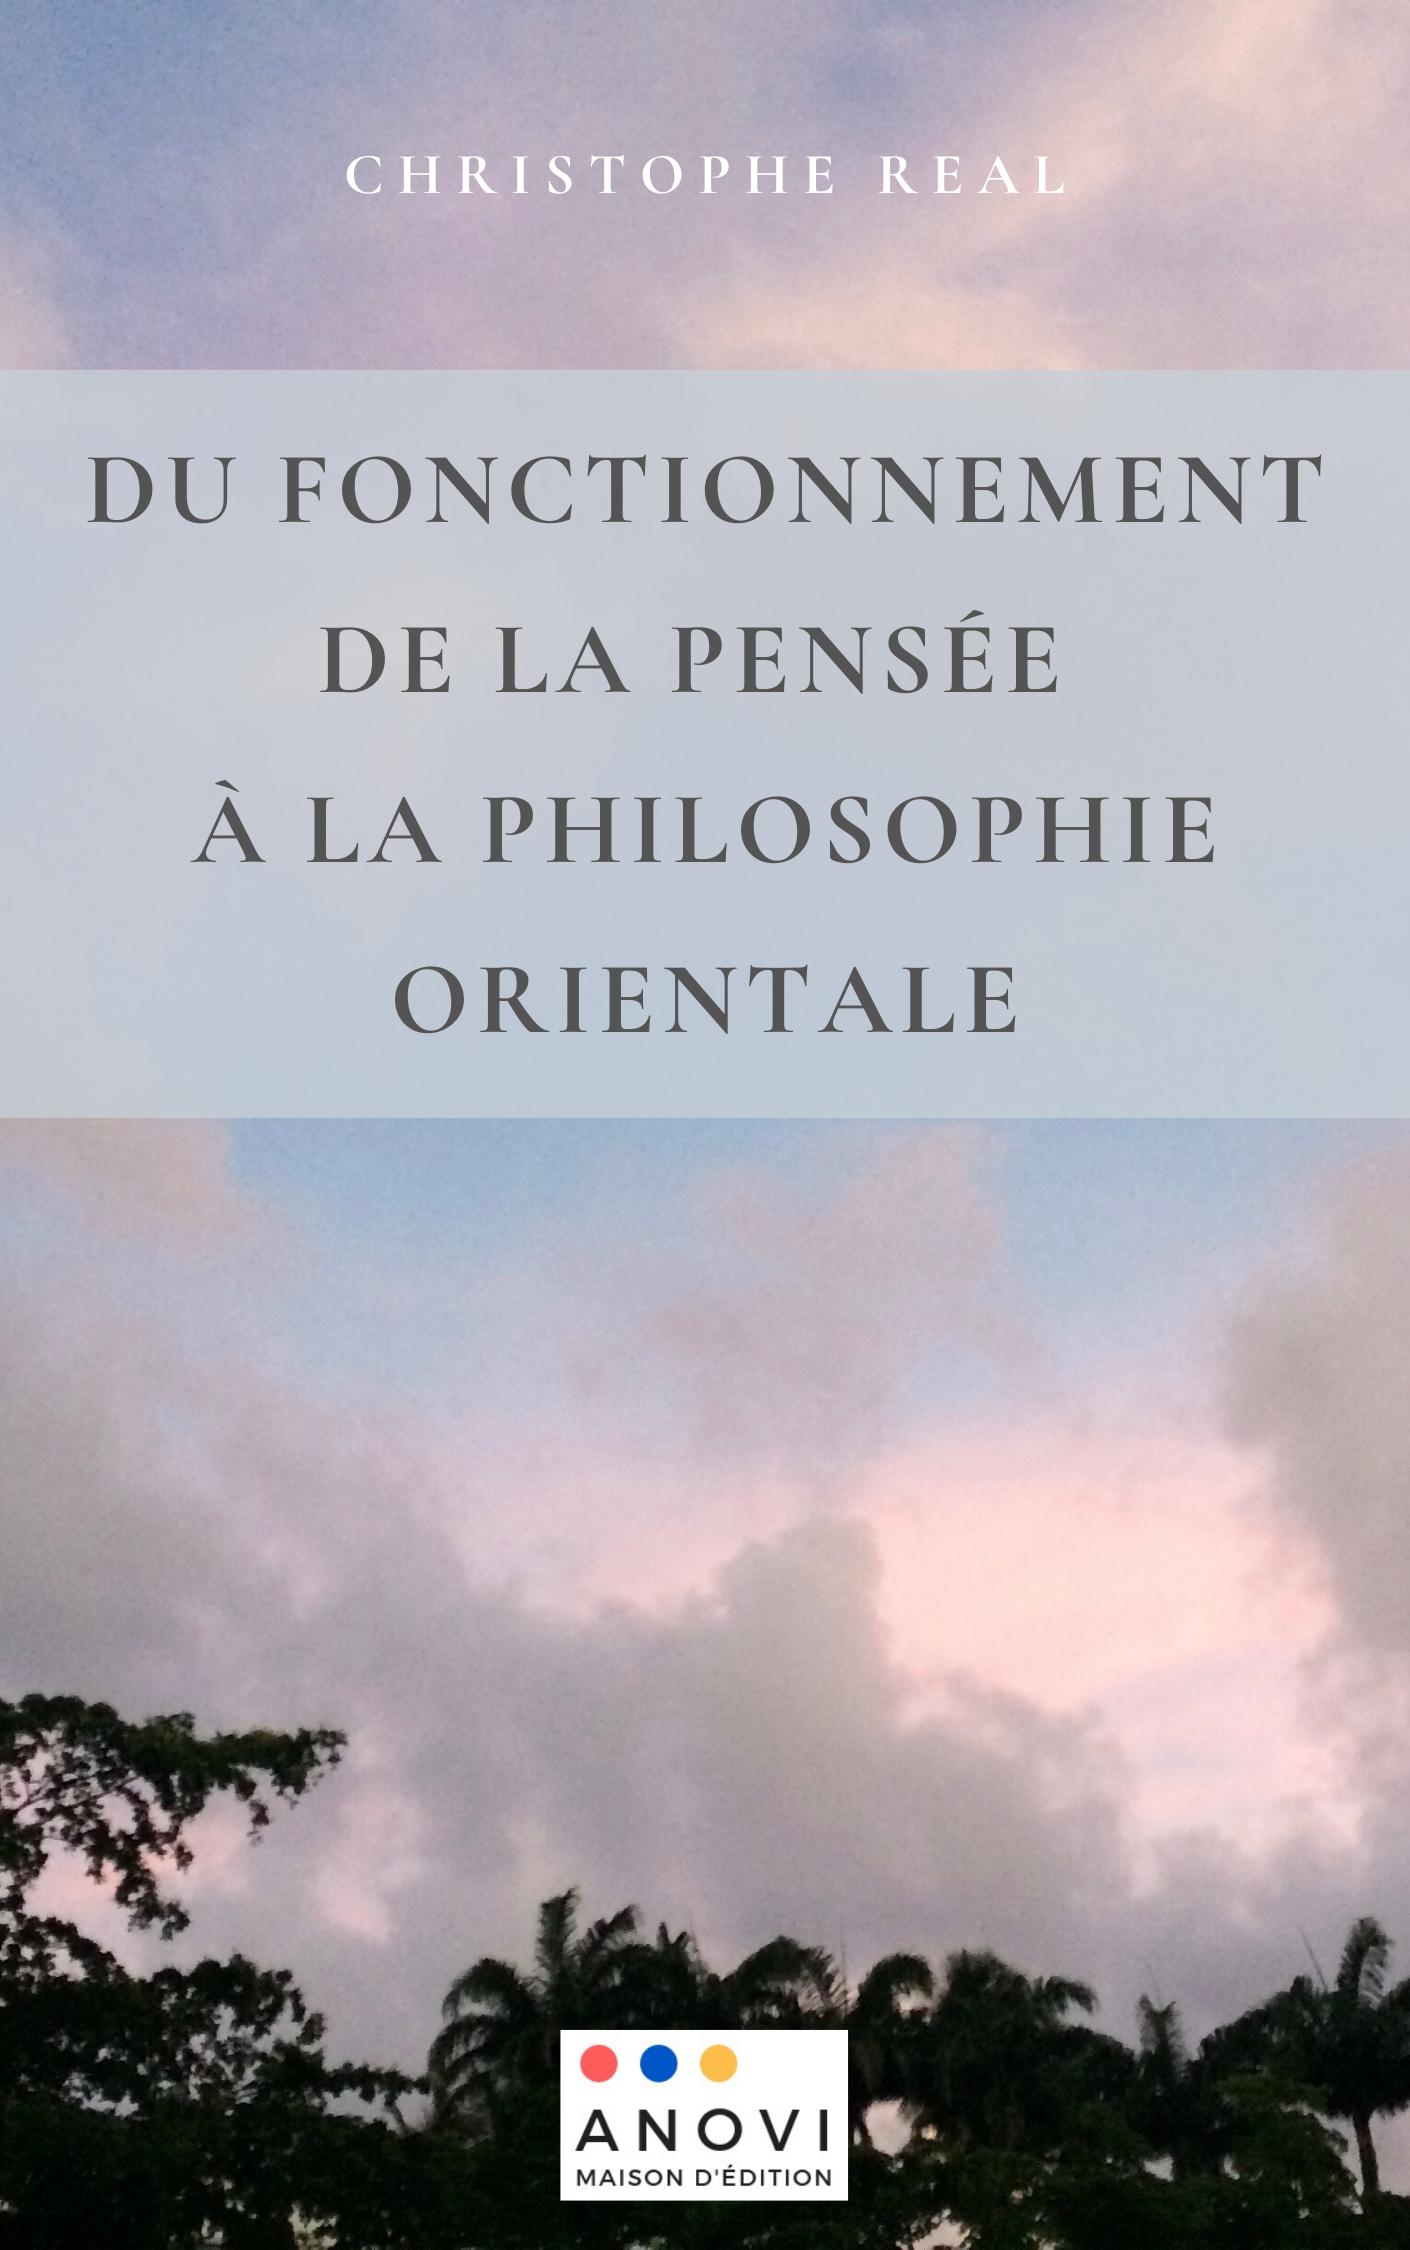 Du fonctionnement de la pensée à la philosophie orientale Image